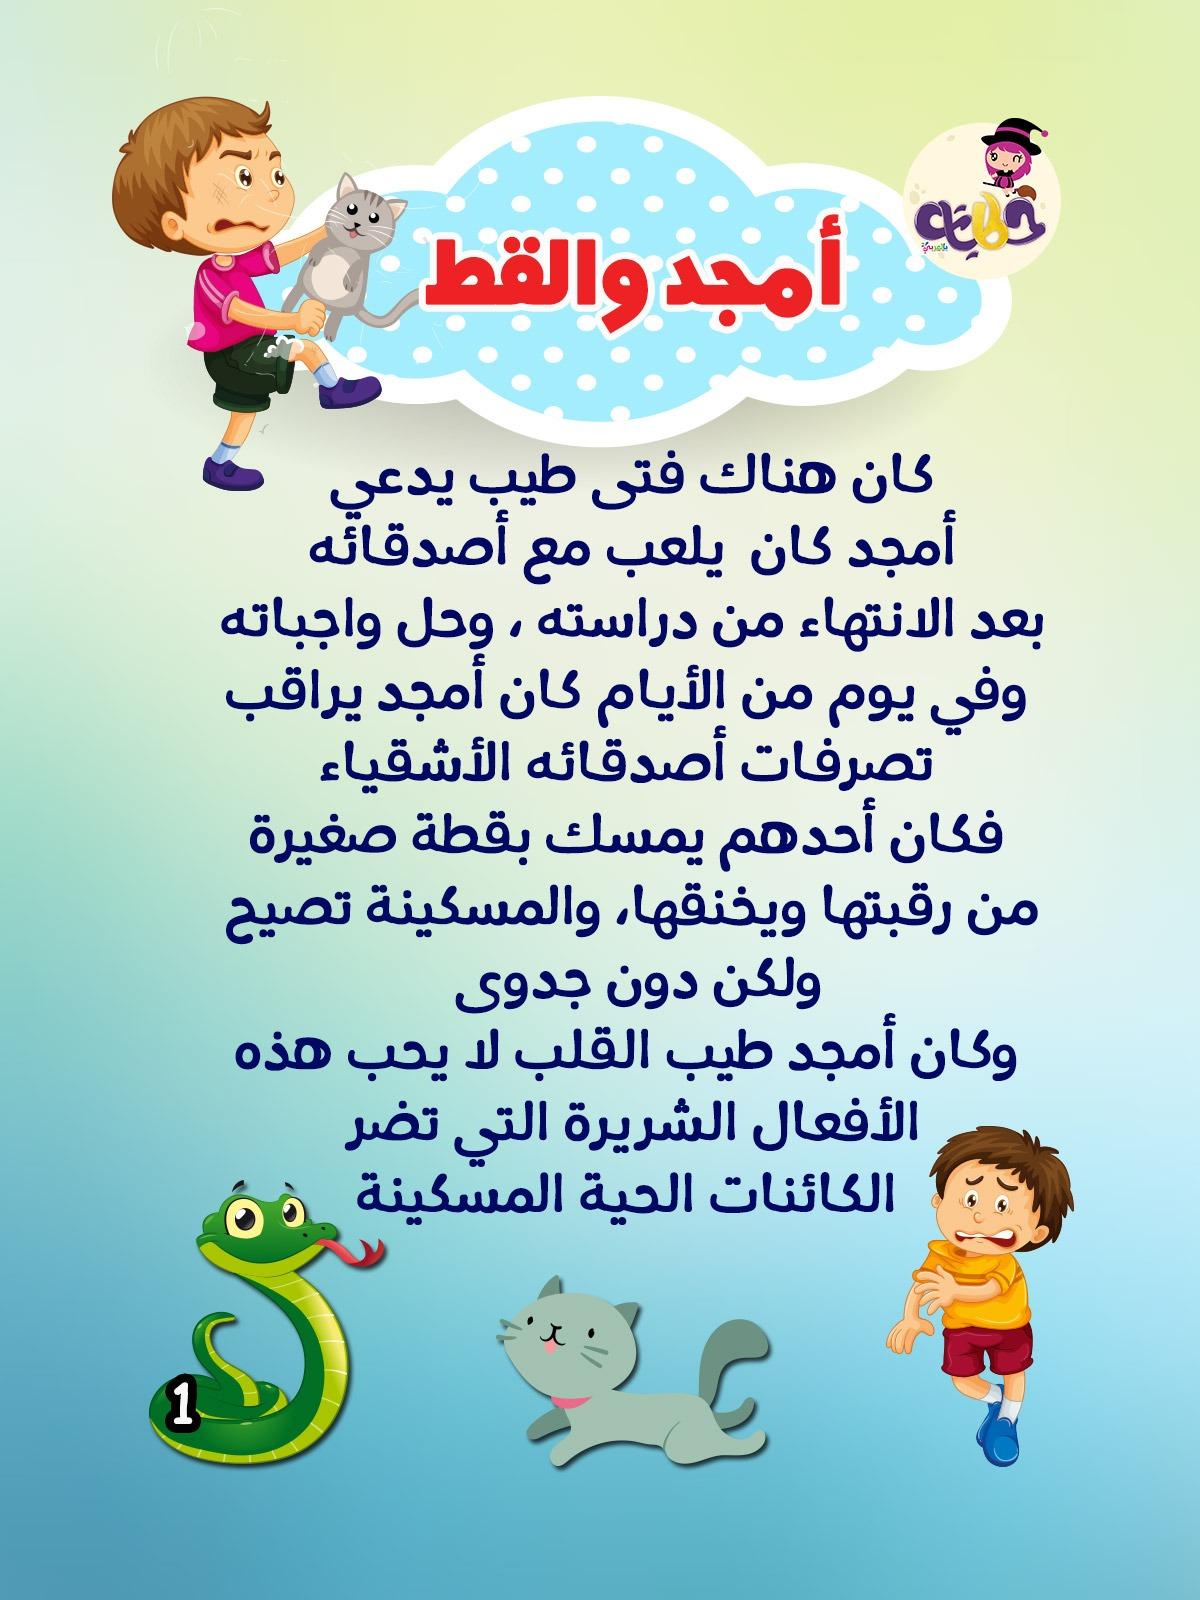 أمجد والقط قصة قصيرة مصورة عن الرفق بالحيوان بتطبيق حكايات بالعربي